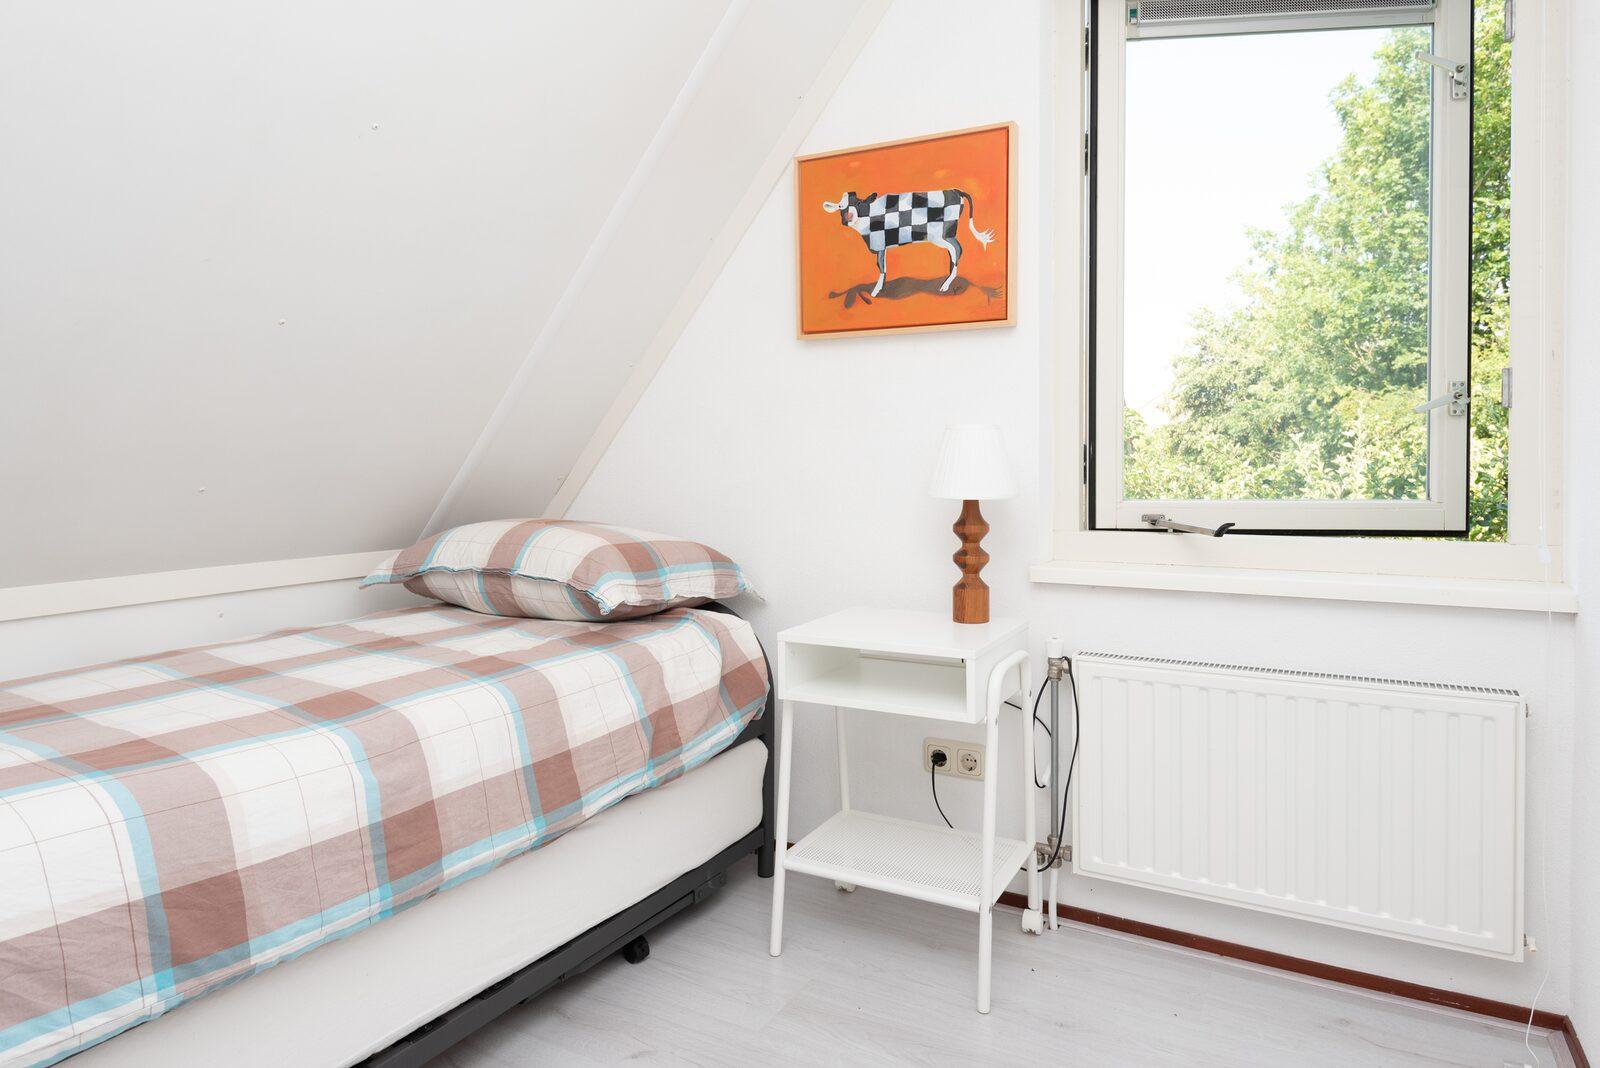 Ferienhaus - Zuidweg 18 | Zonnemaire 'Park Villemaire huisje 17'